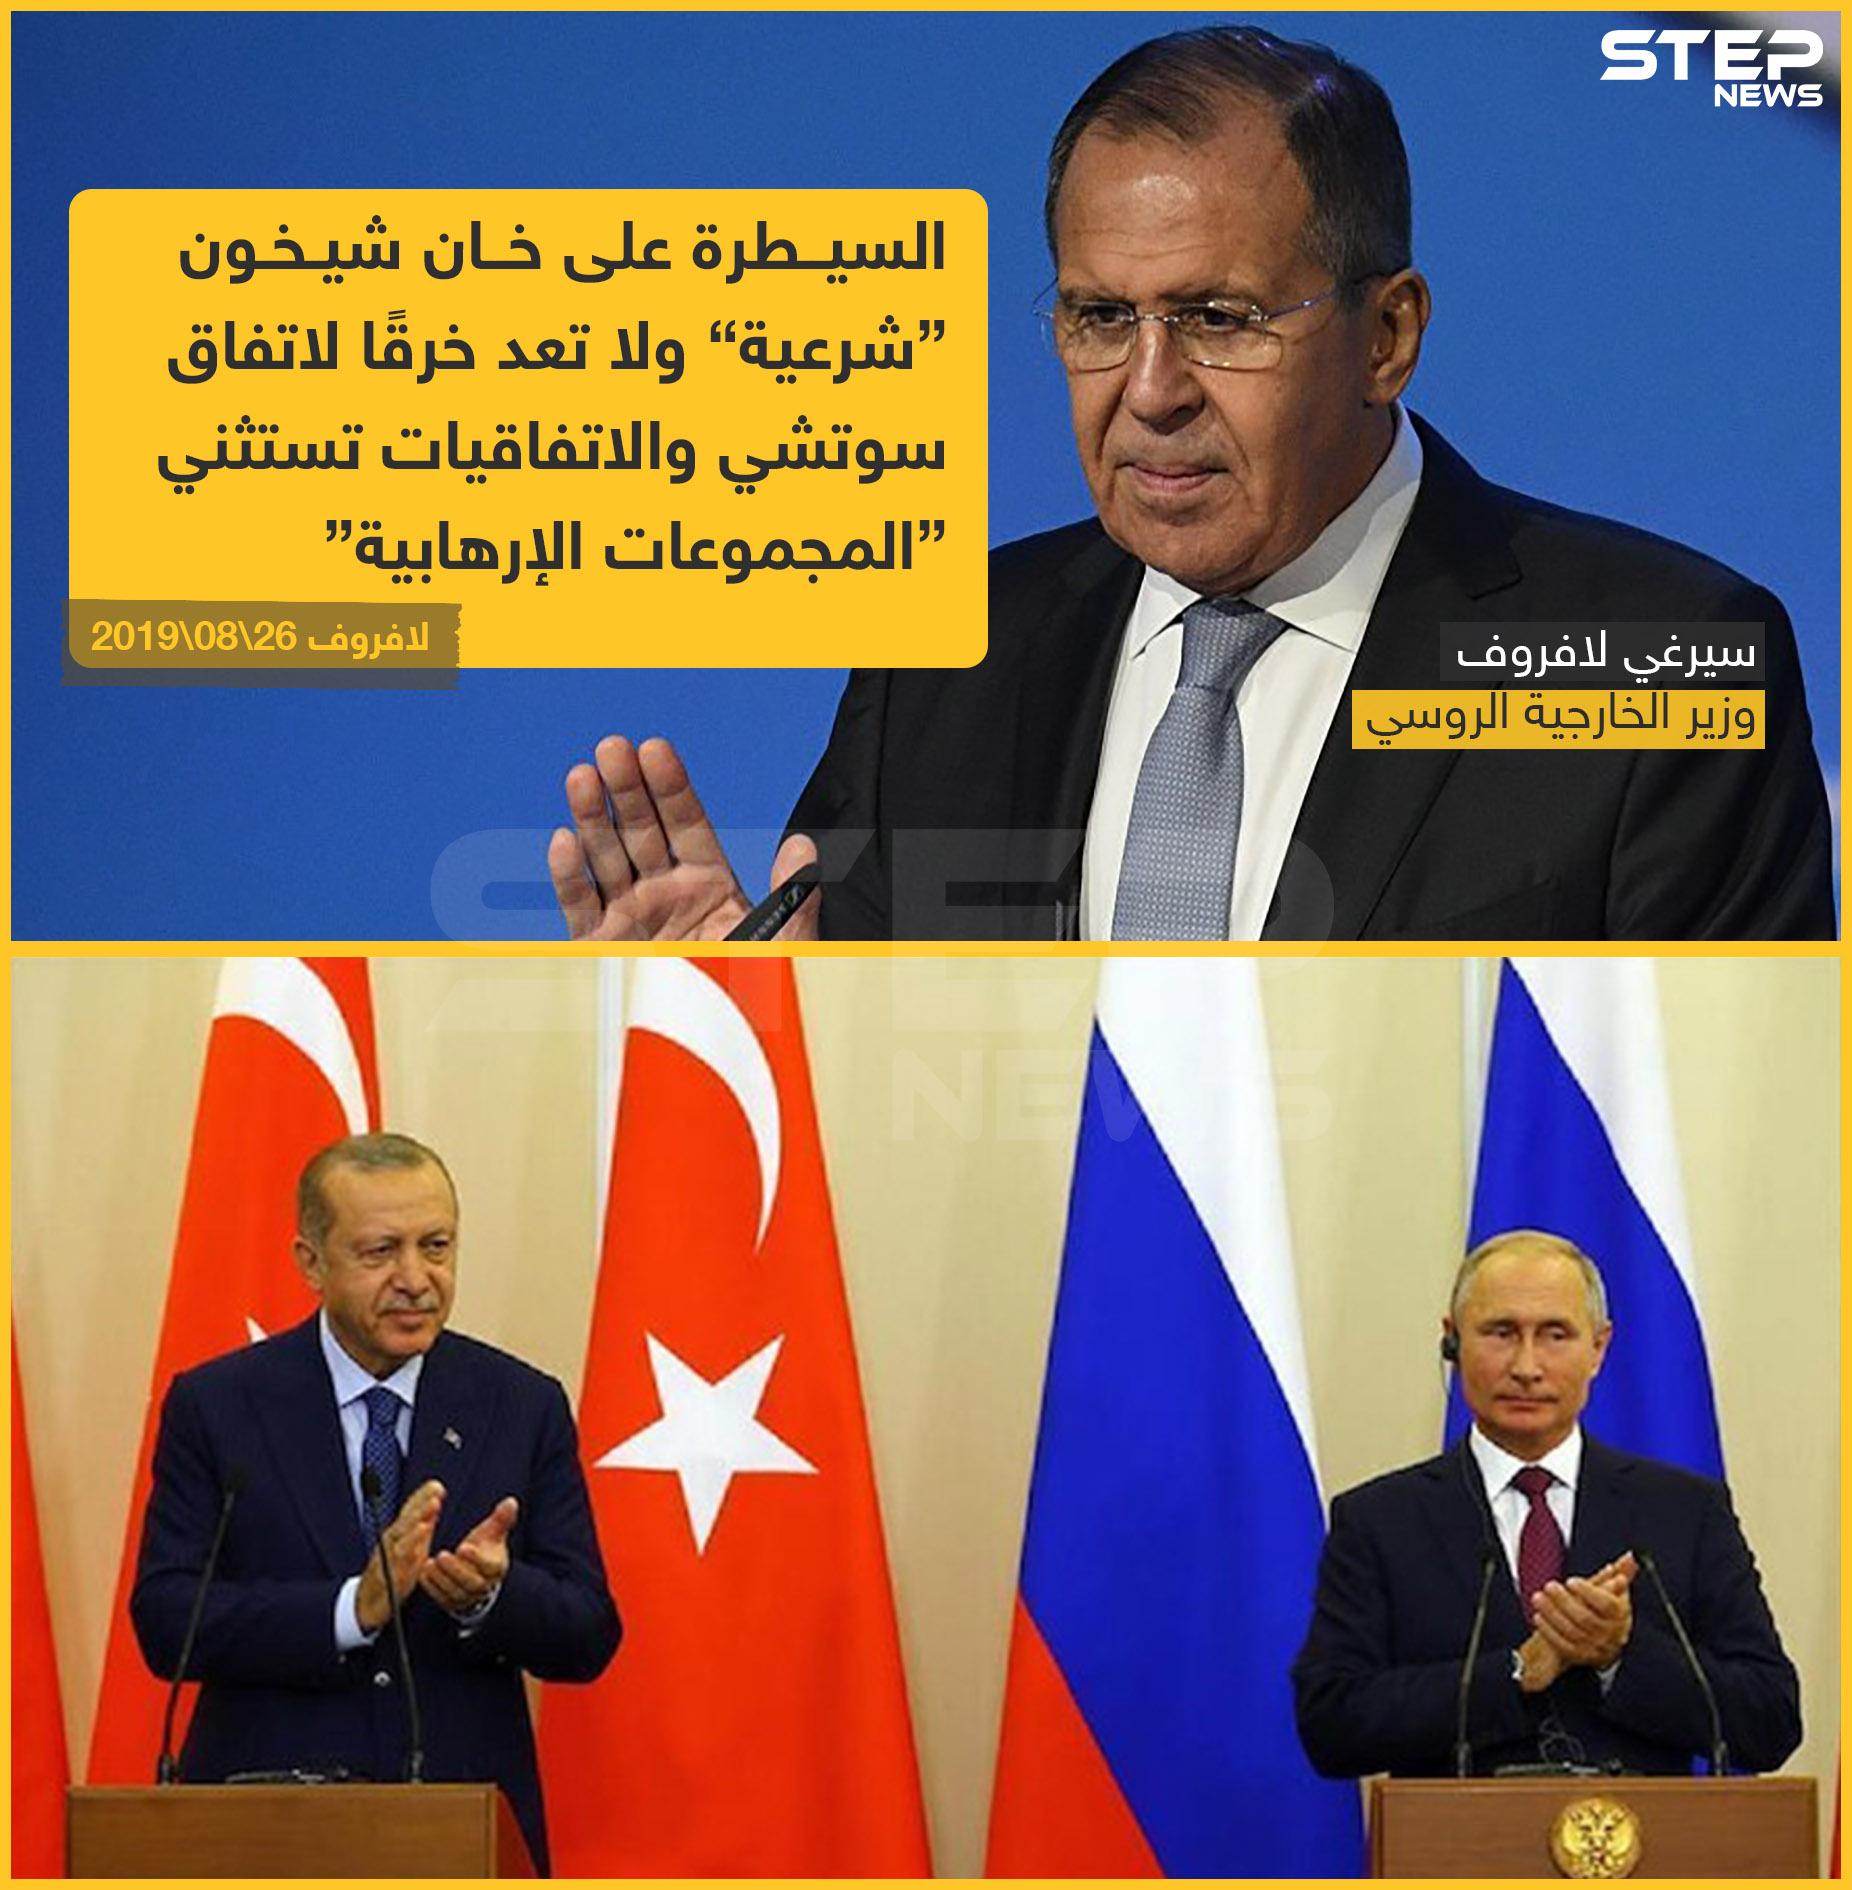 اتفاقيات سوتشي واستانا وفق الرؤية الروسية التركية !